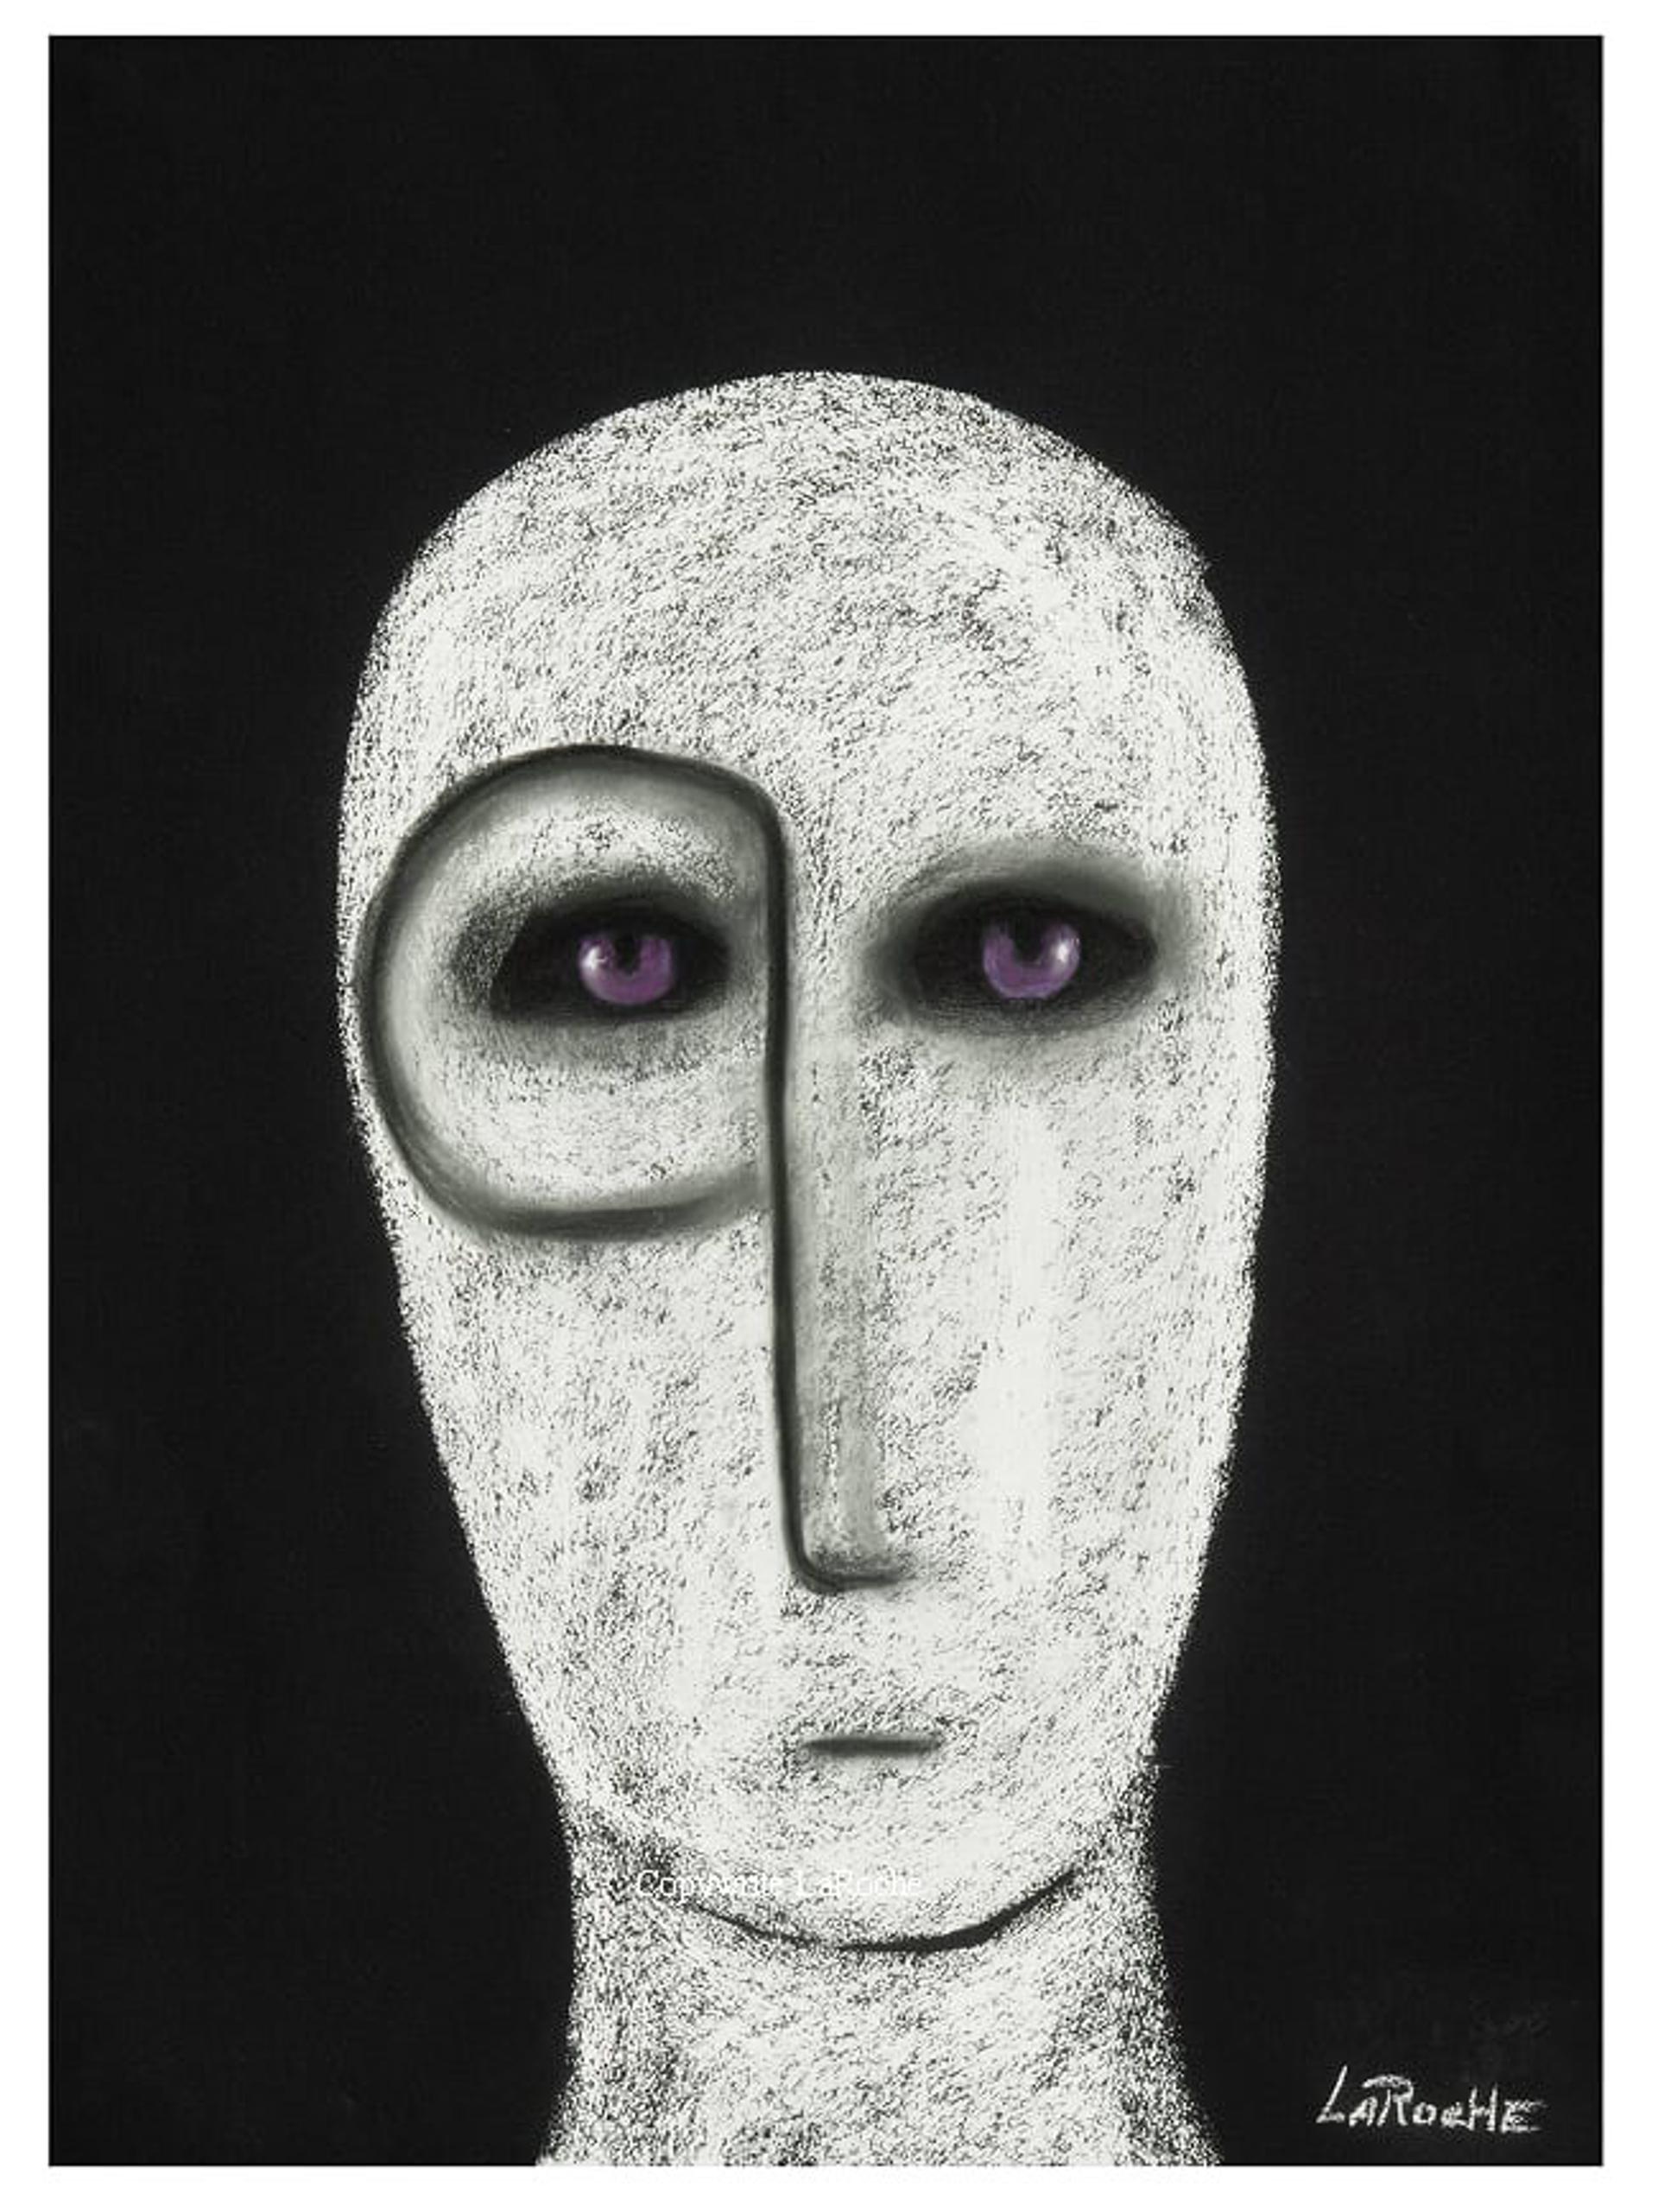 WHITE SHAMAN 43 by Carole LaRoche